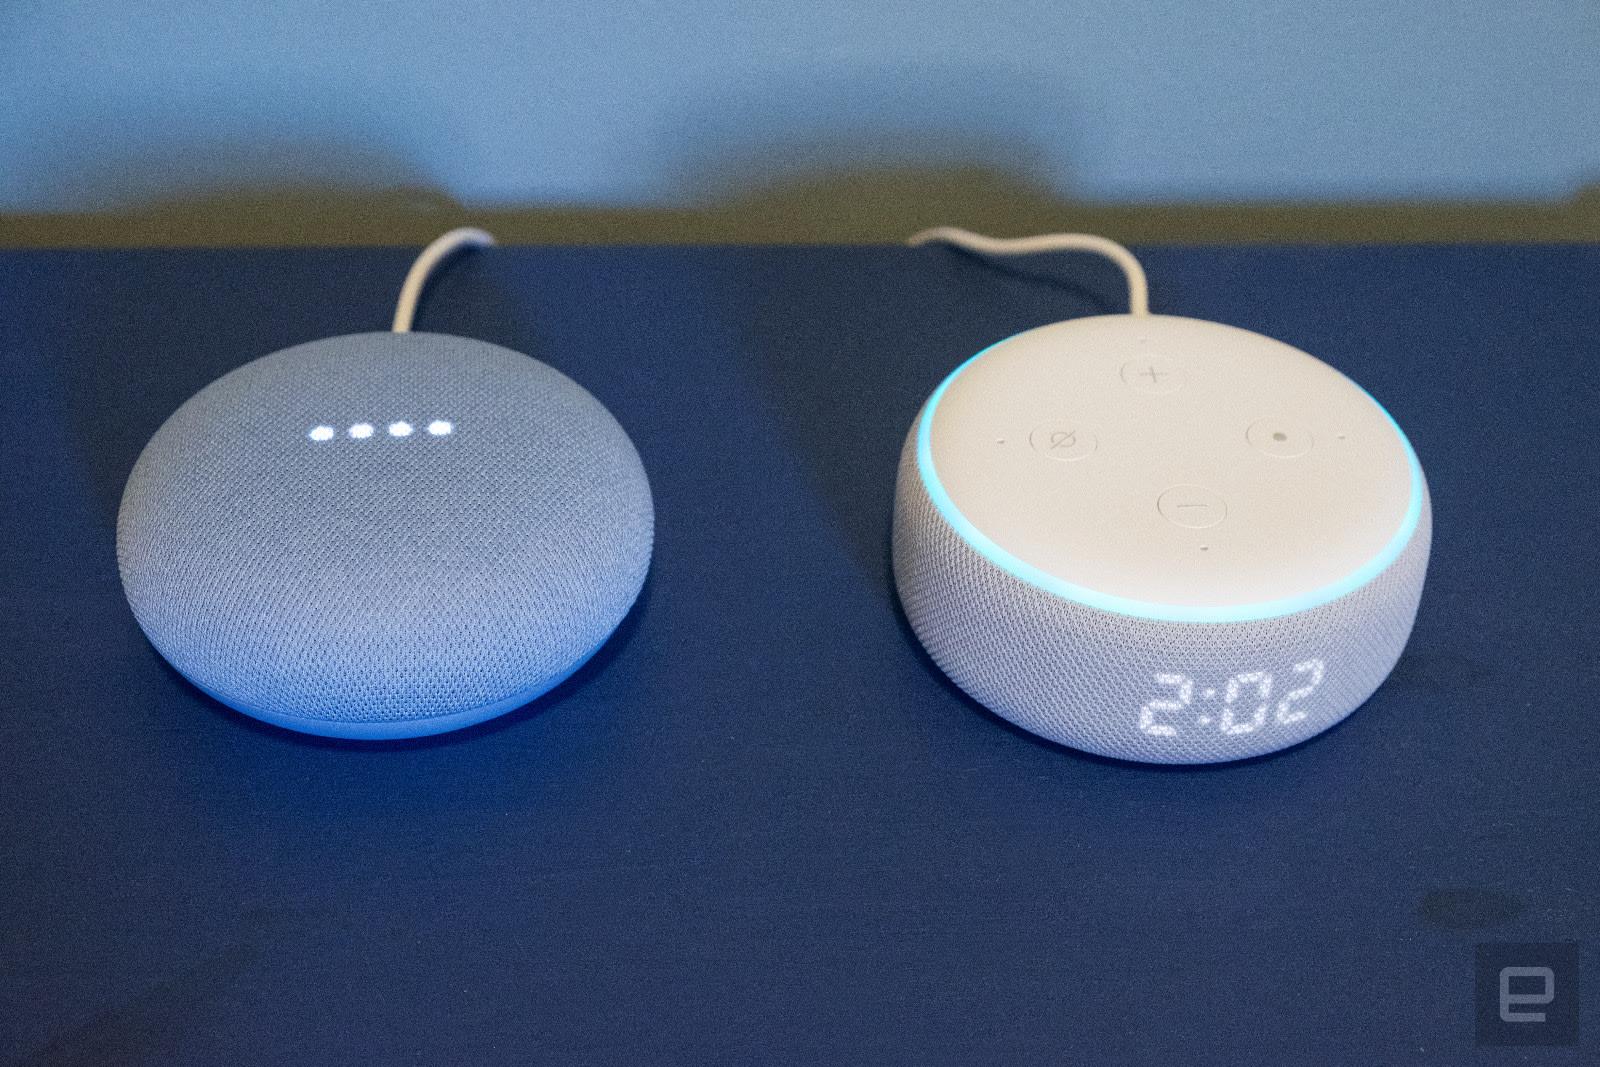 Nest Mini vs. Echo Dot